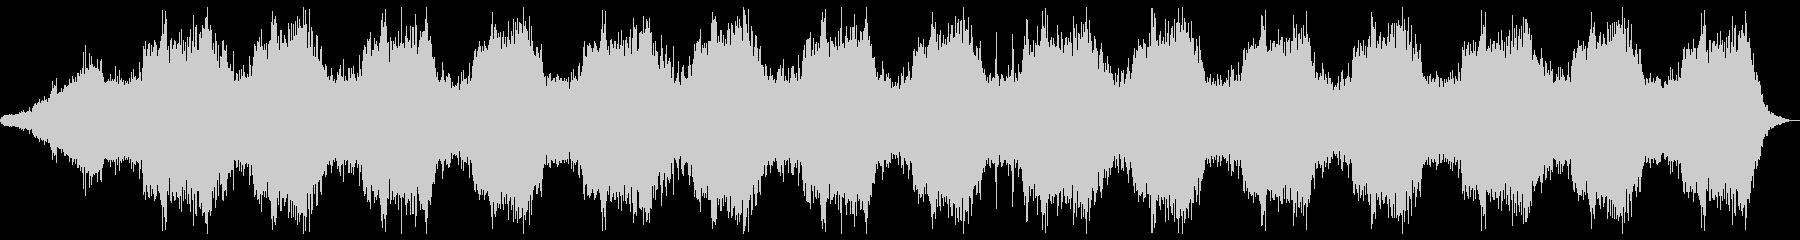 ホラー向け幻想的なBGMの未再生の波形